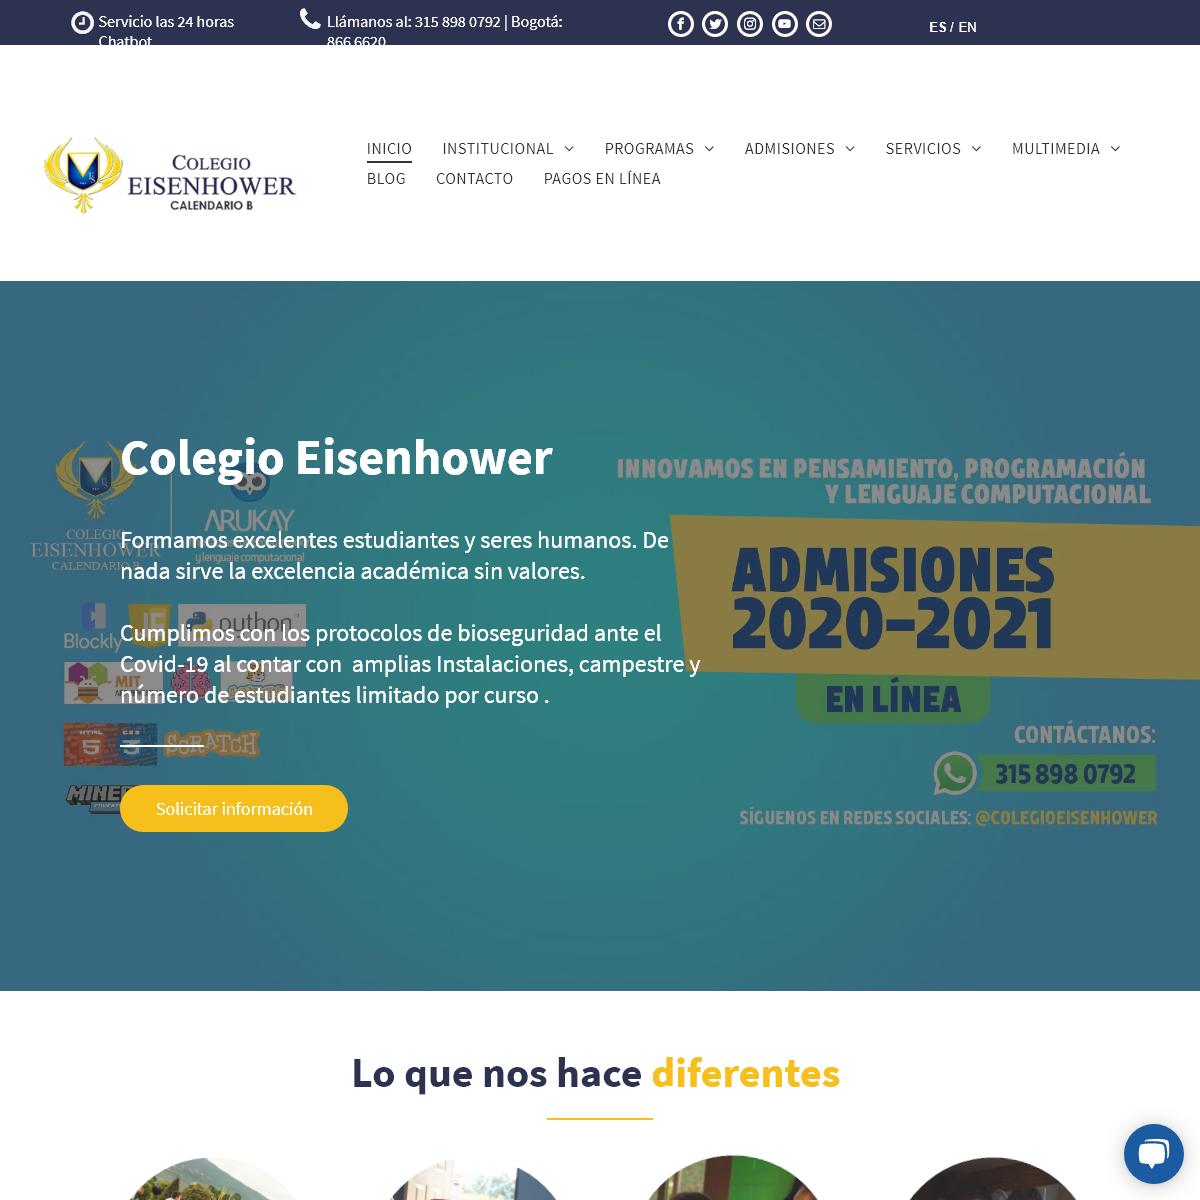 Colegio Bilingüe Eisenhower, 30 años educando con excelencia